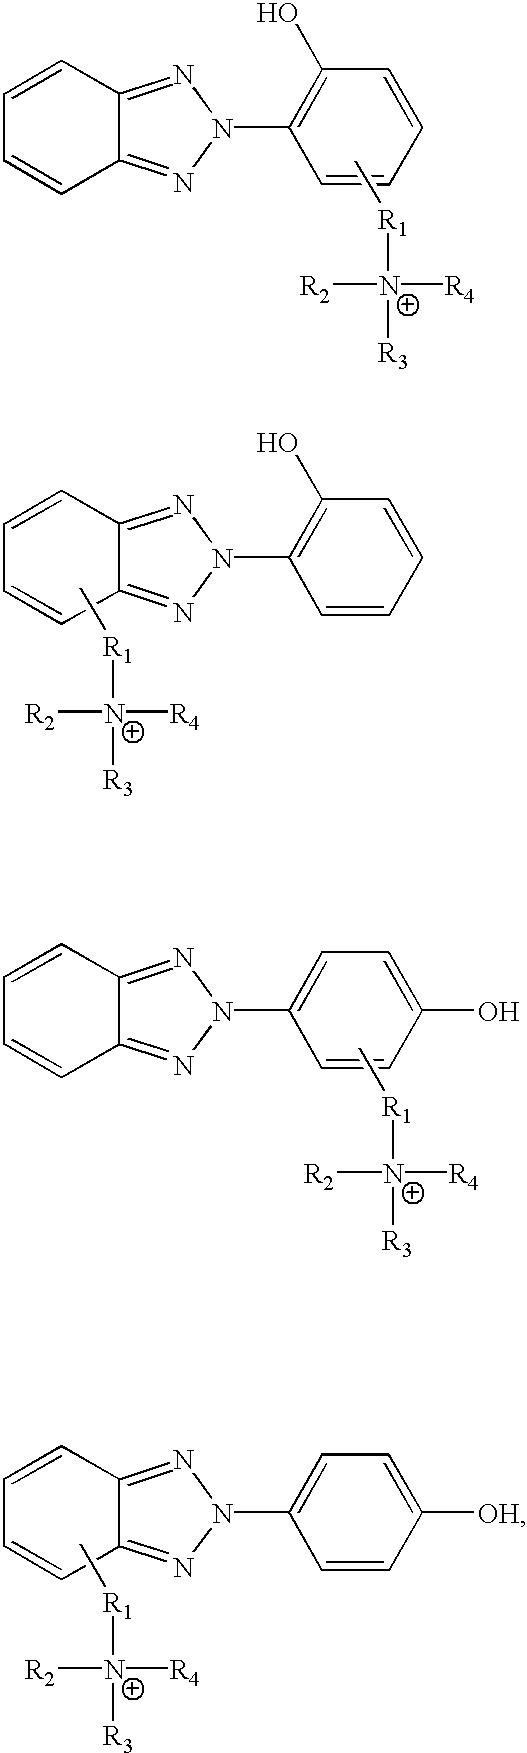 Figure US06803395-20041012-C00044